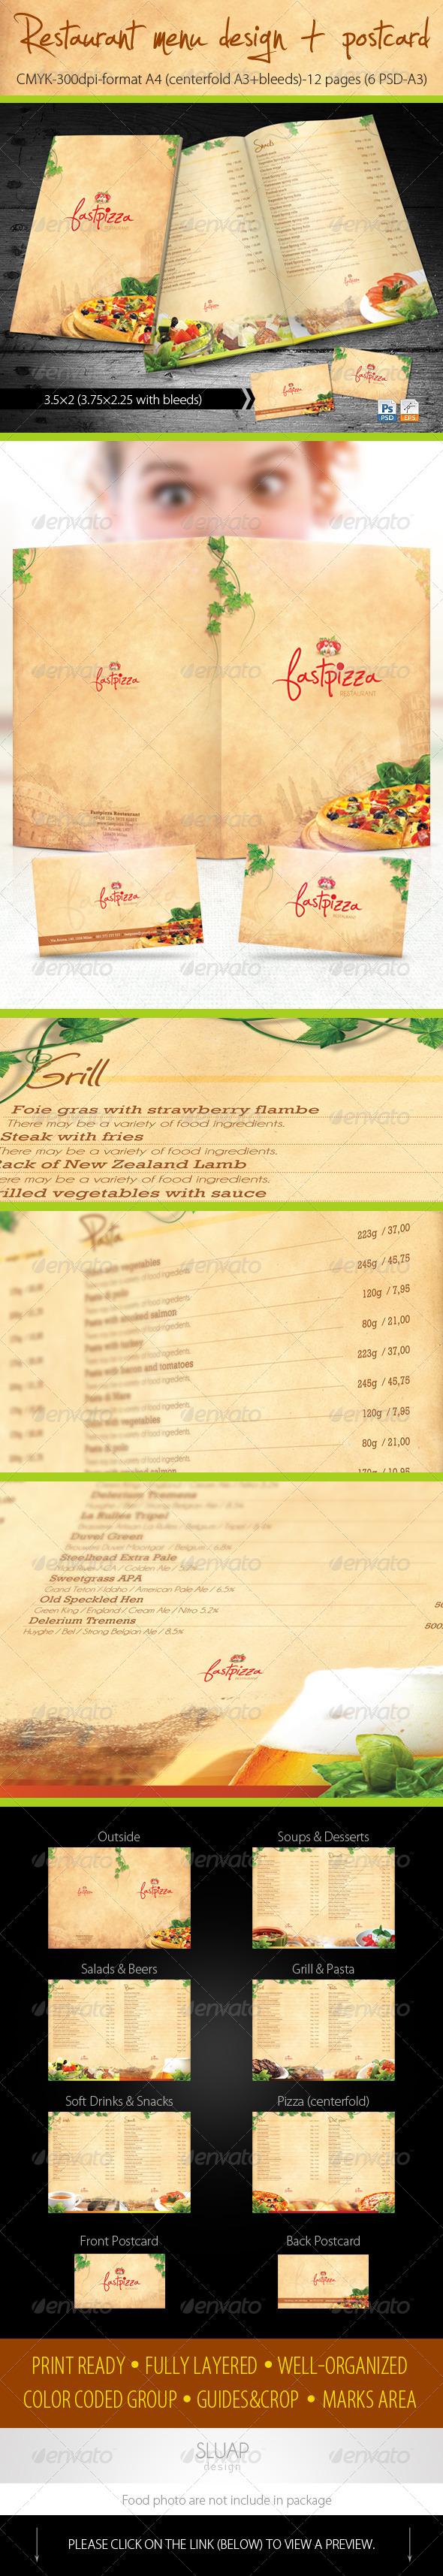 GraphicRiver Restaurant Menu Design & Postcard 4294806